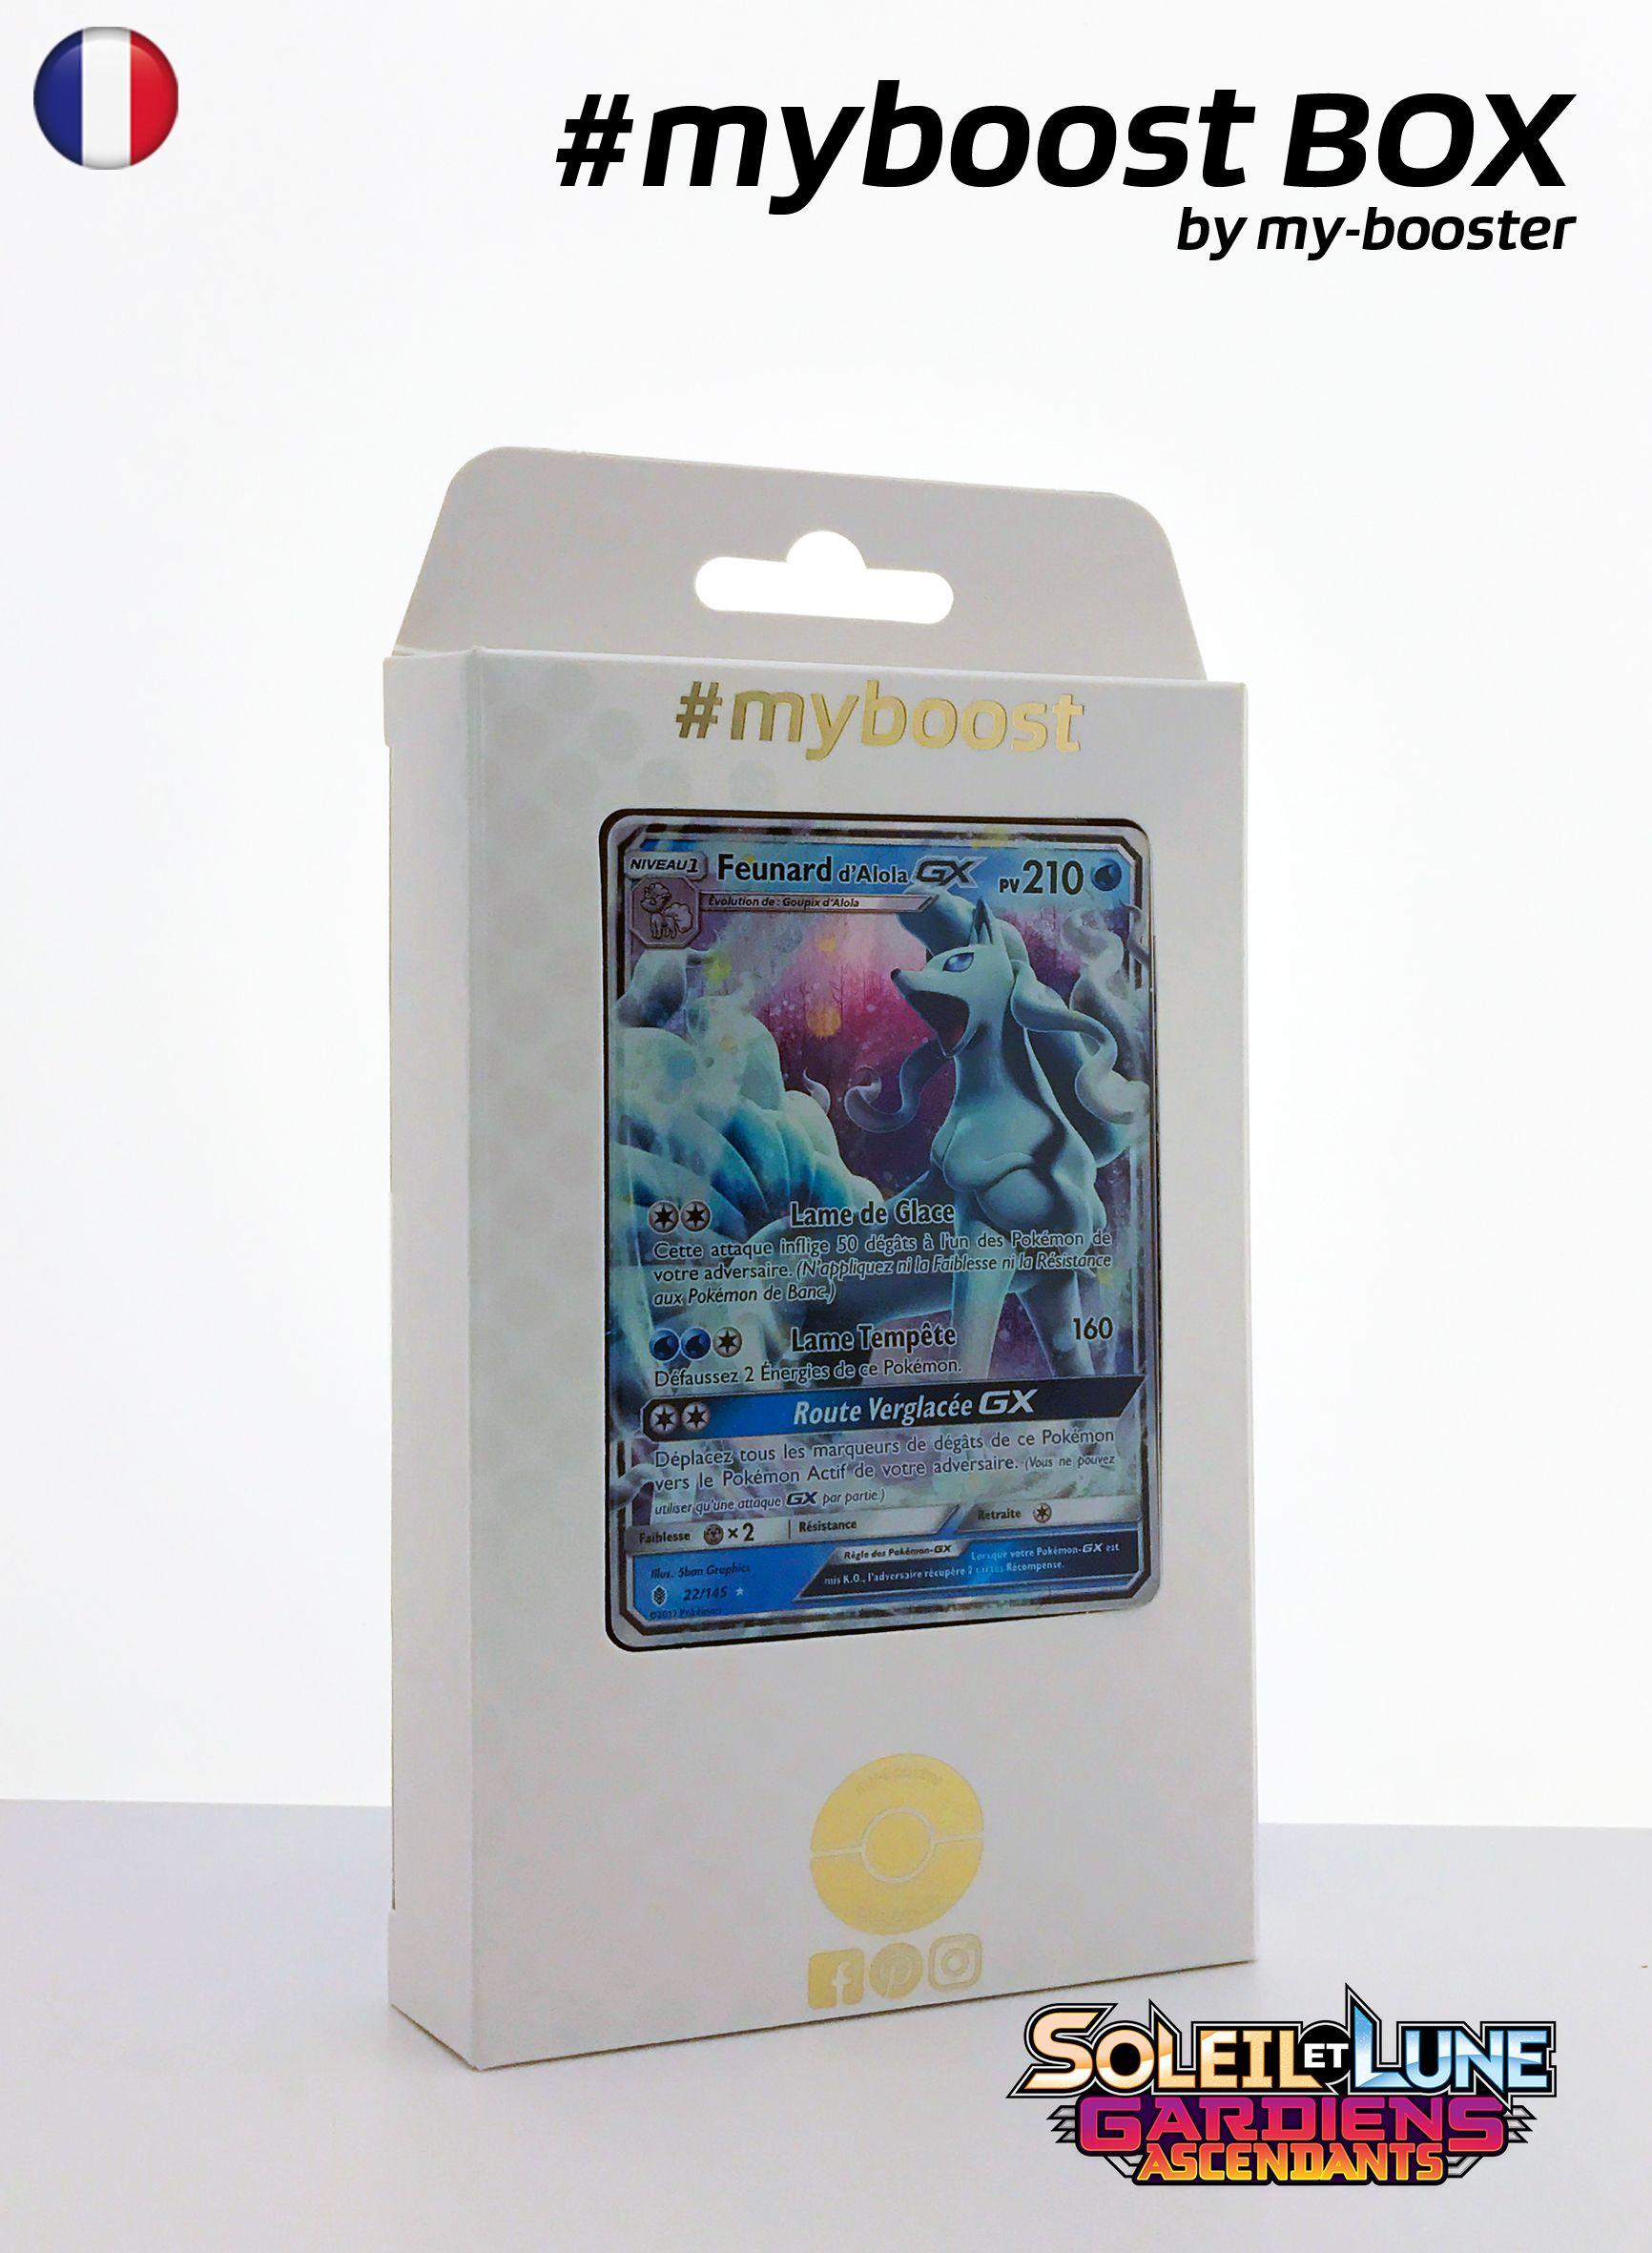 Coffret #myboost FEUNARD D ALOLA GX 22/145 Contient 10 cartes Pokemon francaises Soleil et Lune 2 neuves dont : - la carte FEUNARD D ALOLA GX 22/145 210PV de la serie Soleil&Lune 2 - 1 carte Holographique ou Reverse - 1 carte 100PV - 1 carte 90PV - 1 carte 80PV my-booster, l offre POKEMON PREMIUM